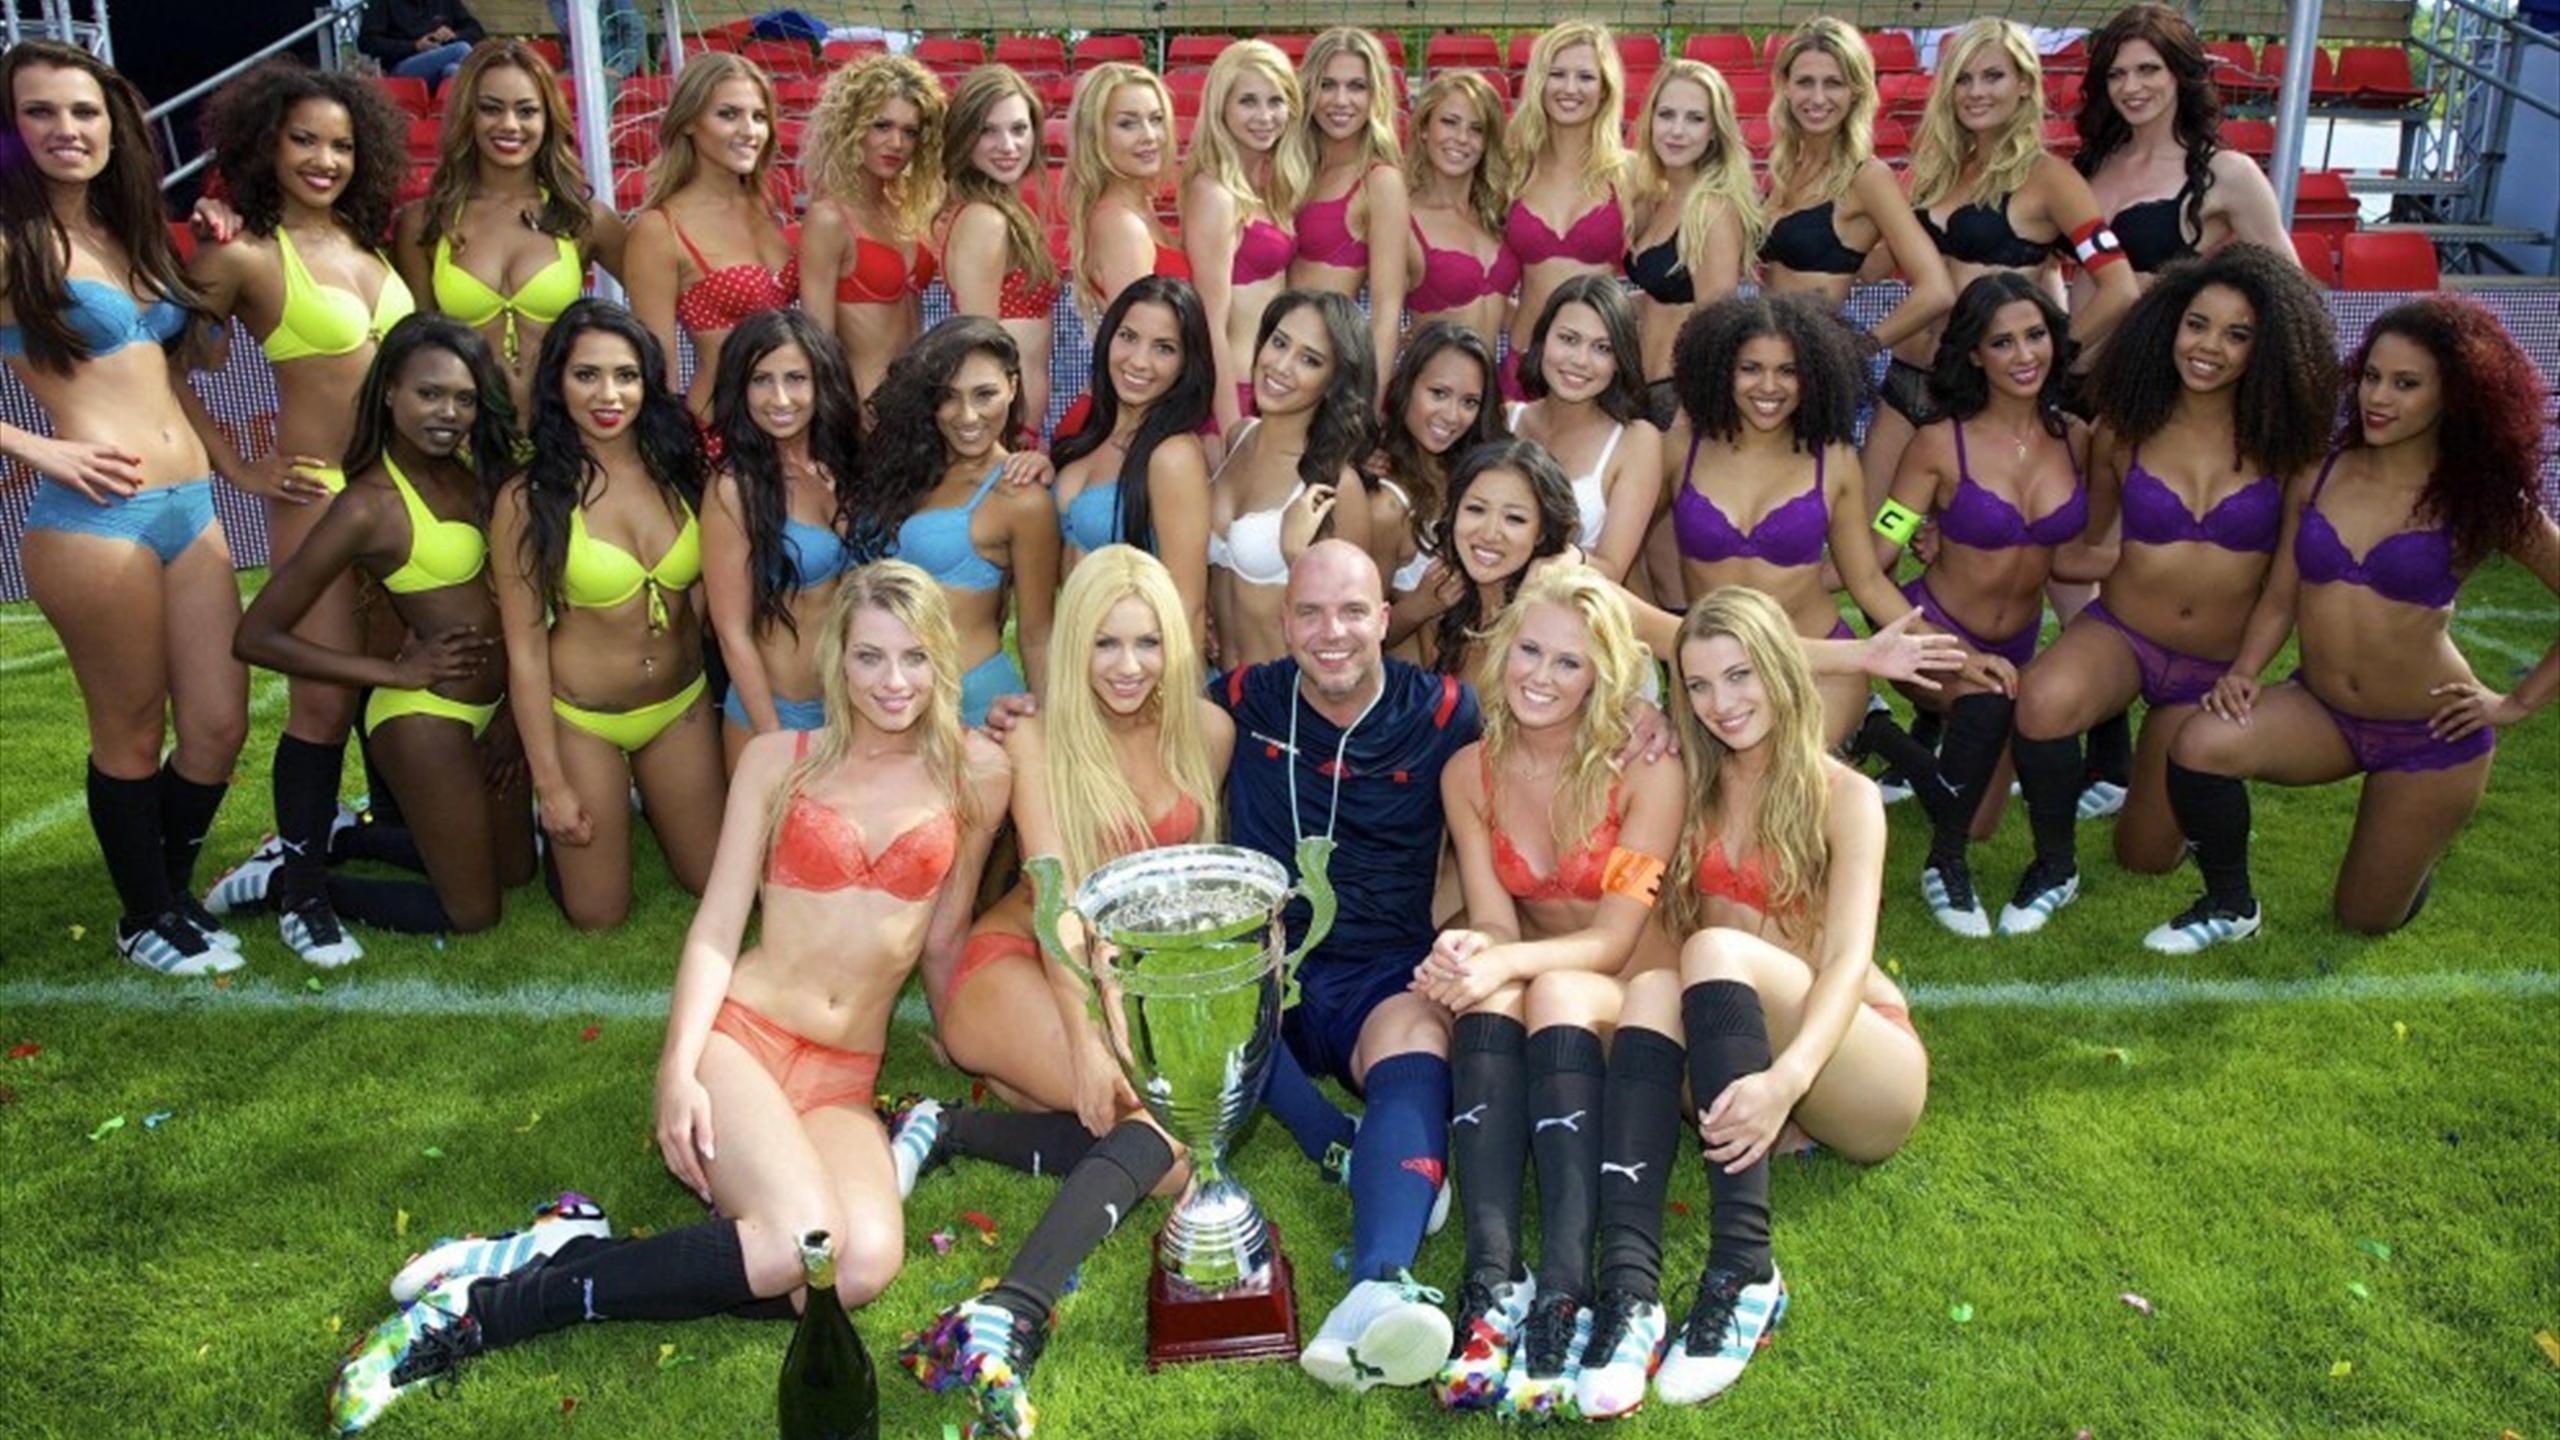 Чемпионат мира по сексу фото 21 фотография